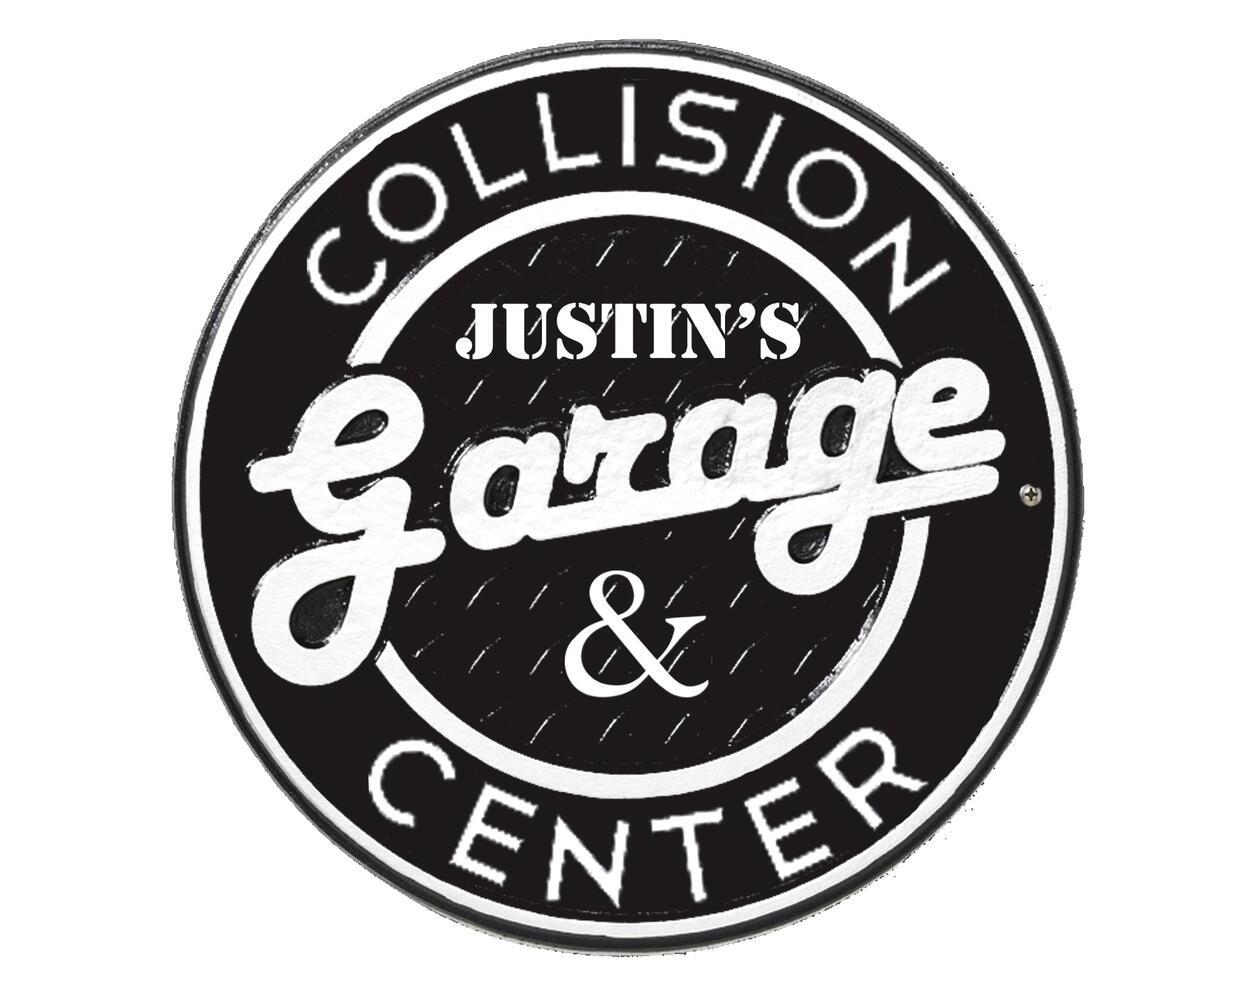 Justin's Garage & Collision Center